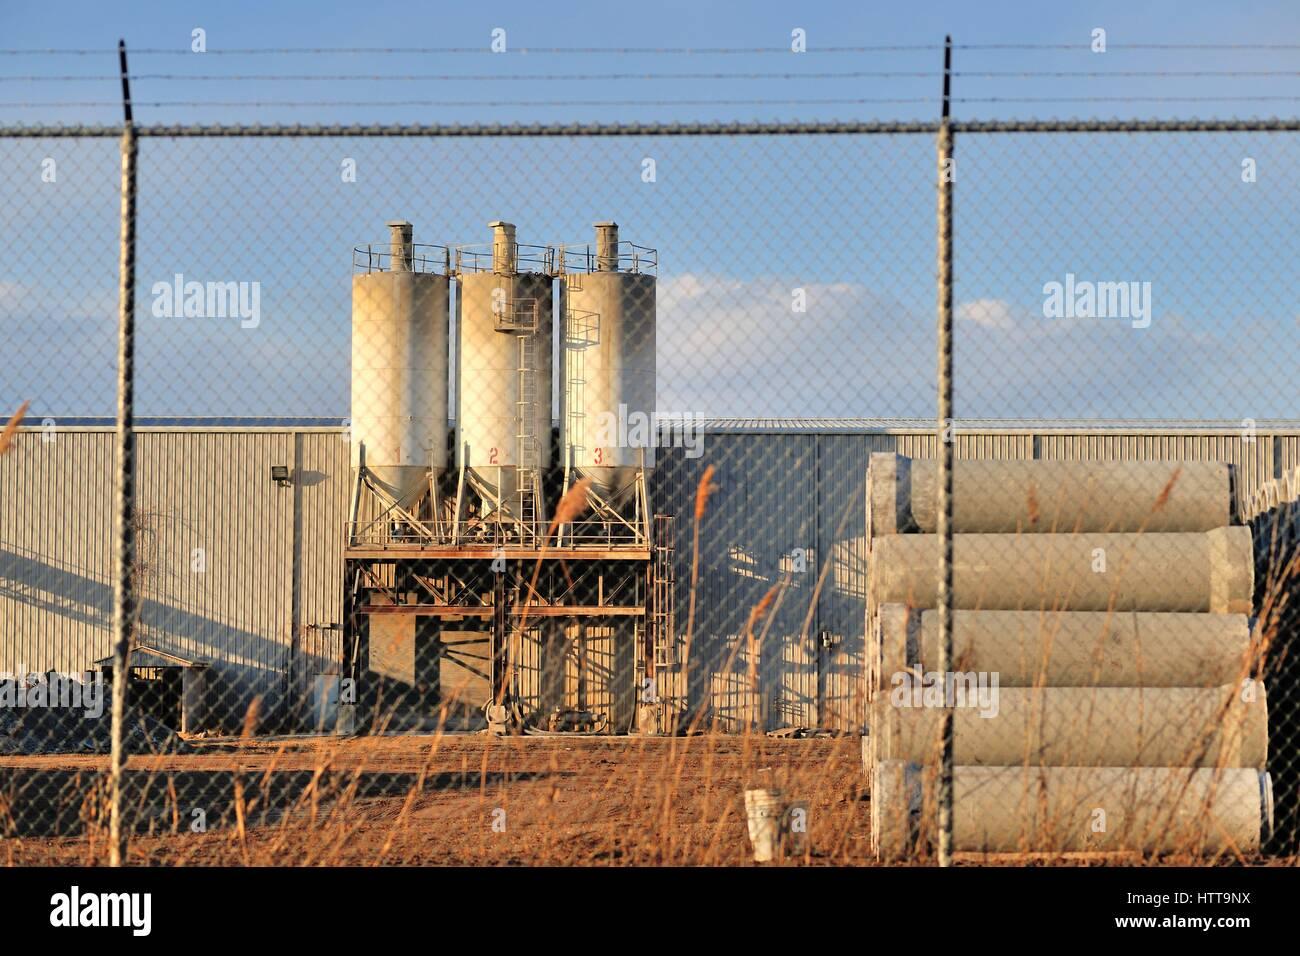 Ein Manufacturing Business gesichert hinter einem Maschendrahtzaun, durch Stacheldraht in dieser industriellen Einstellung Stockbild